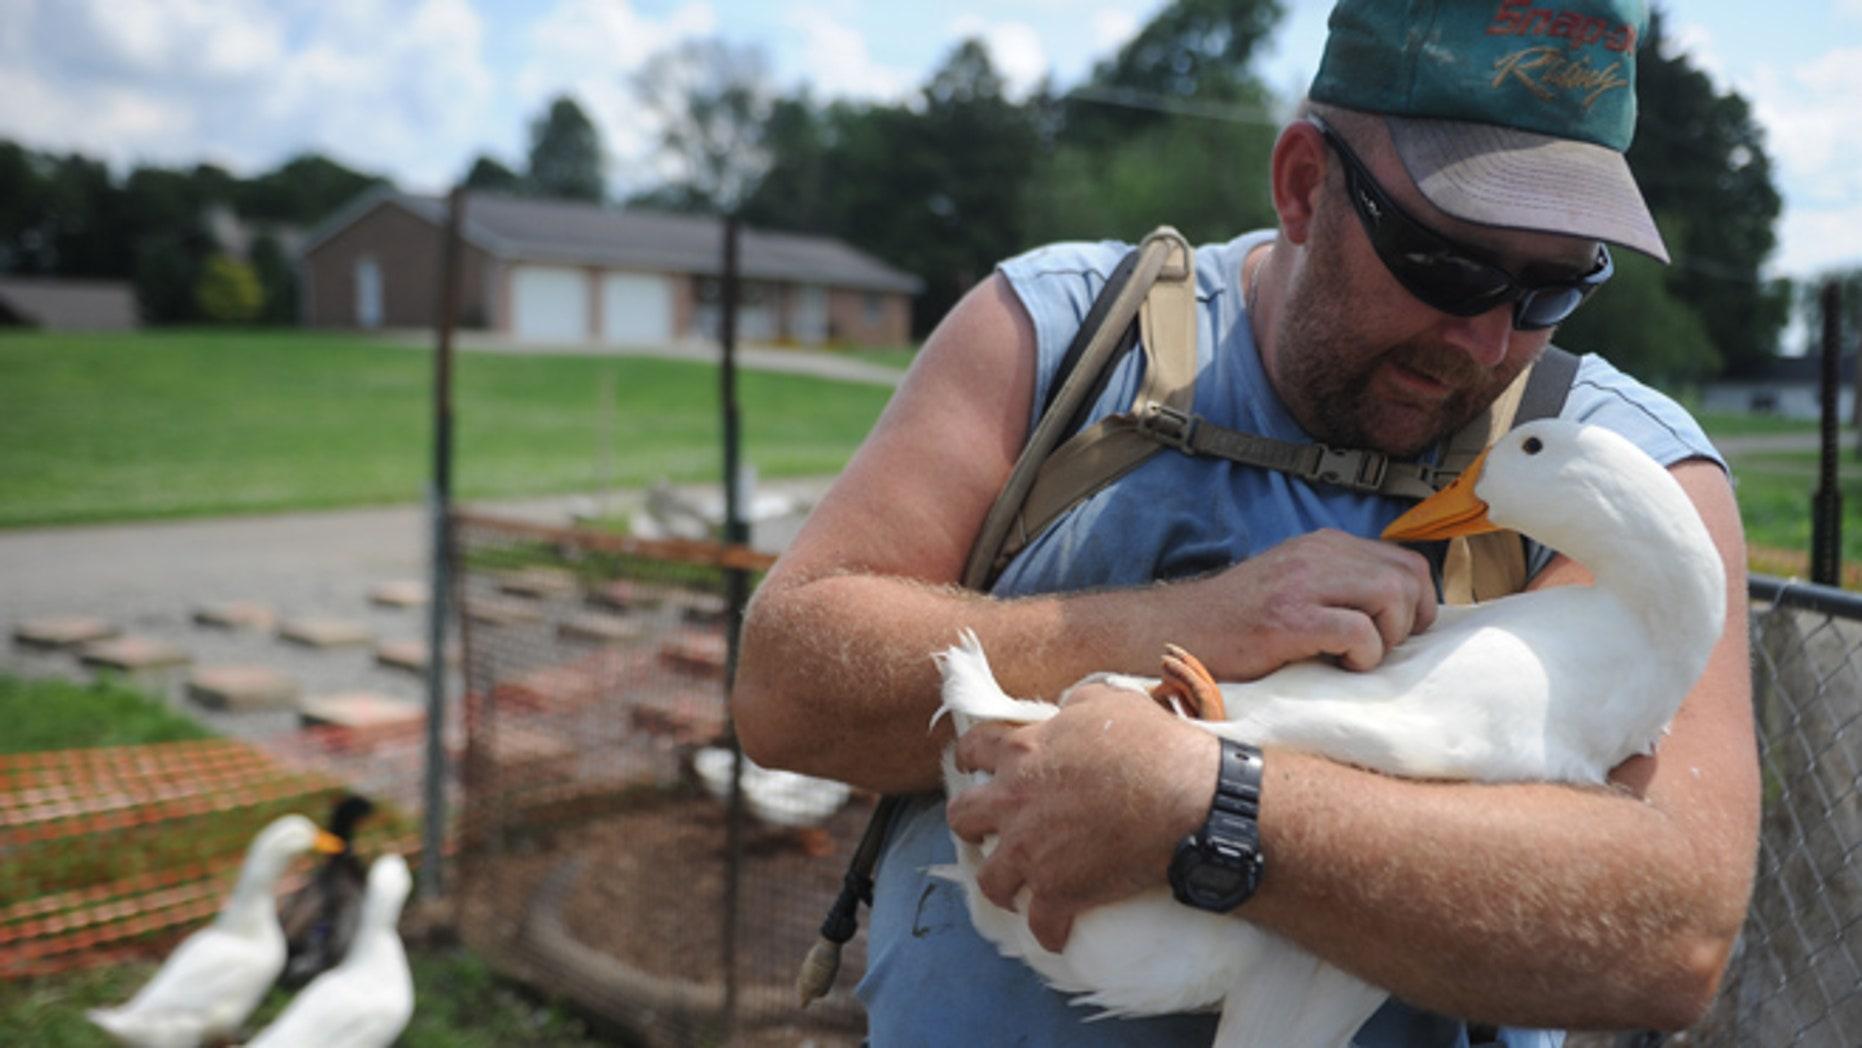 Iraq veteran faces fine for therapeutic pet ducks | Fox News